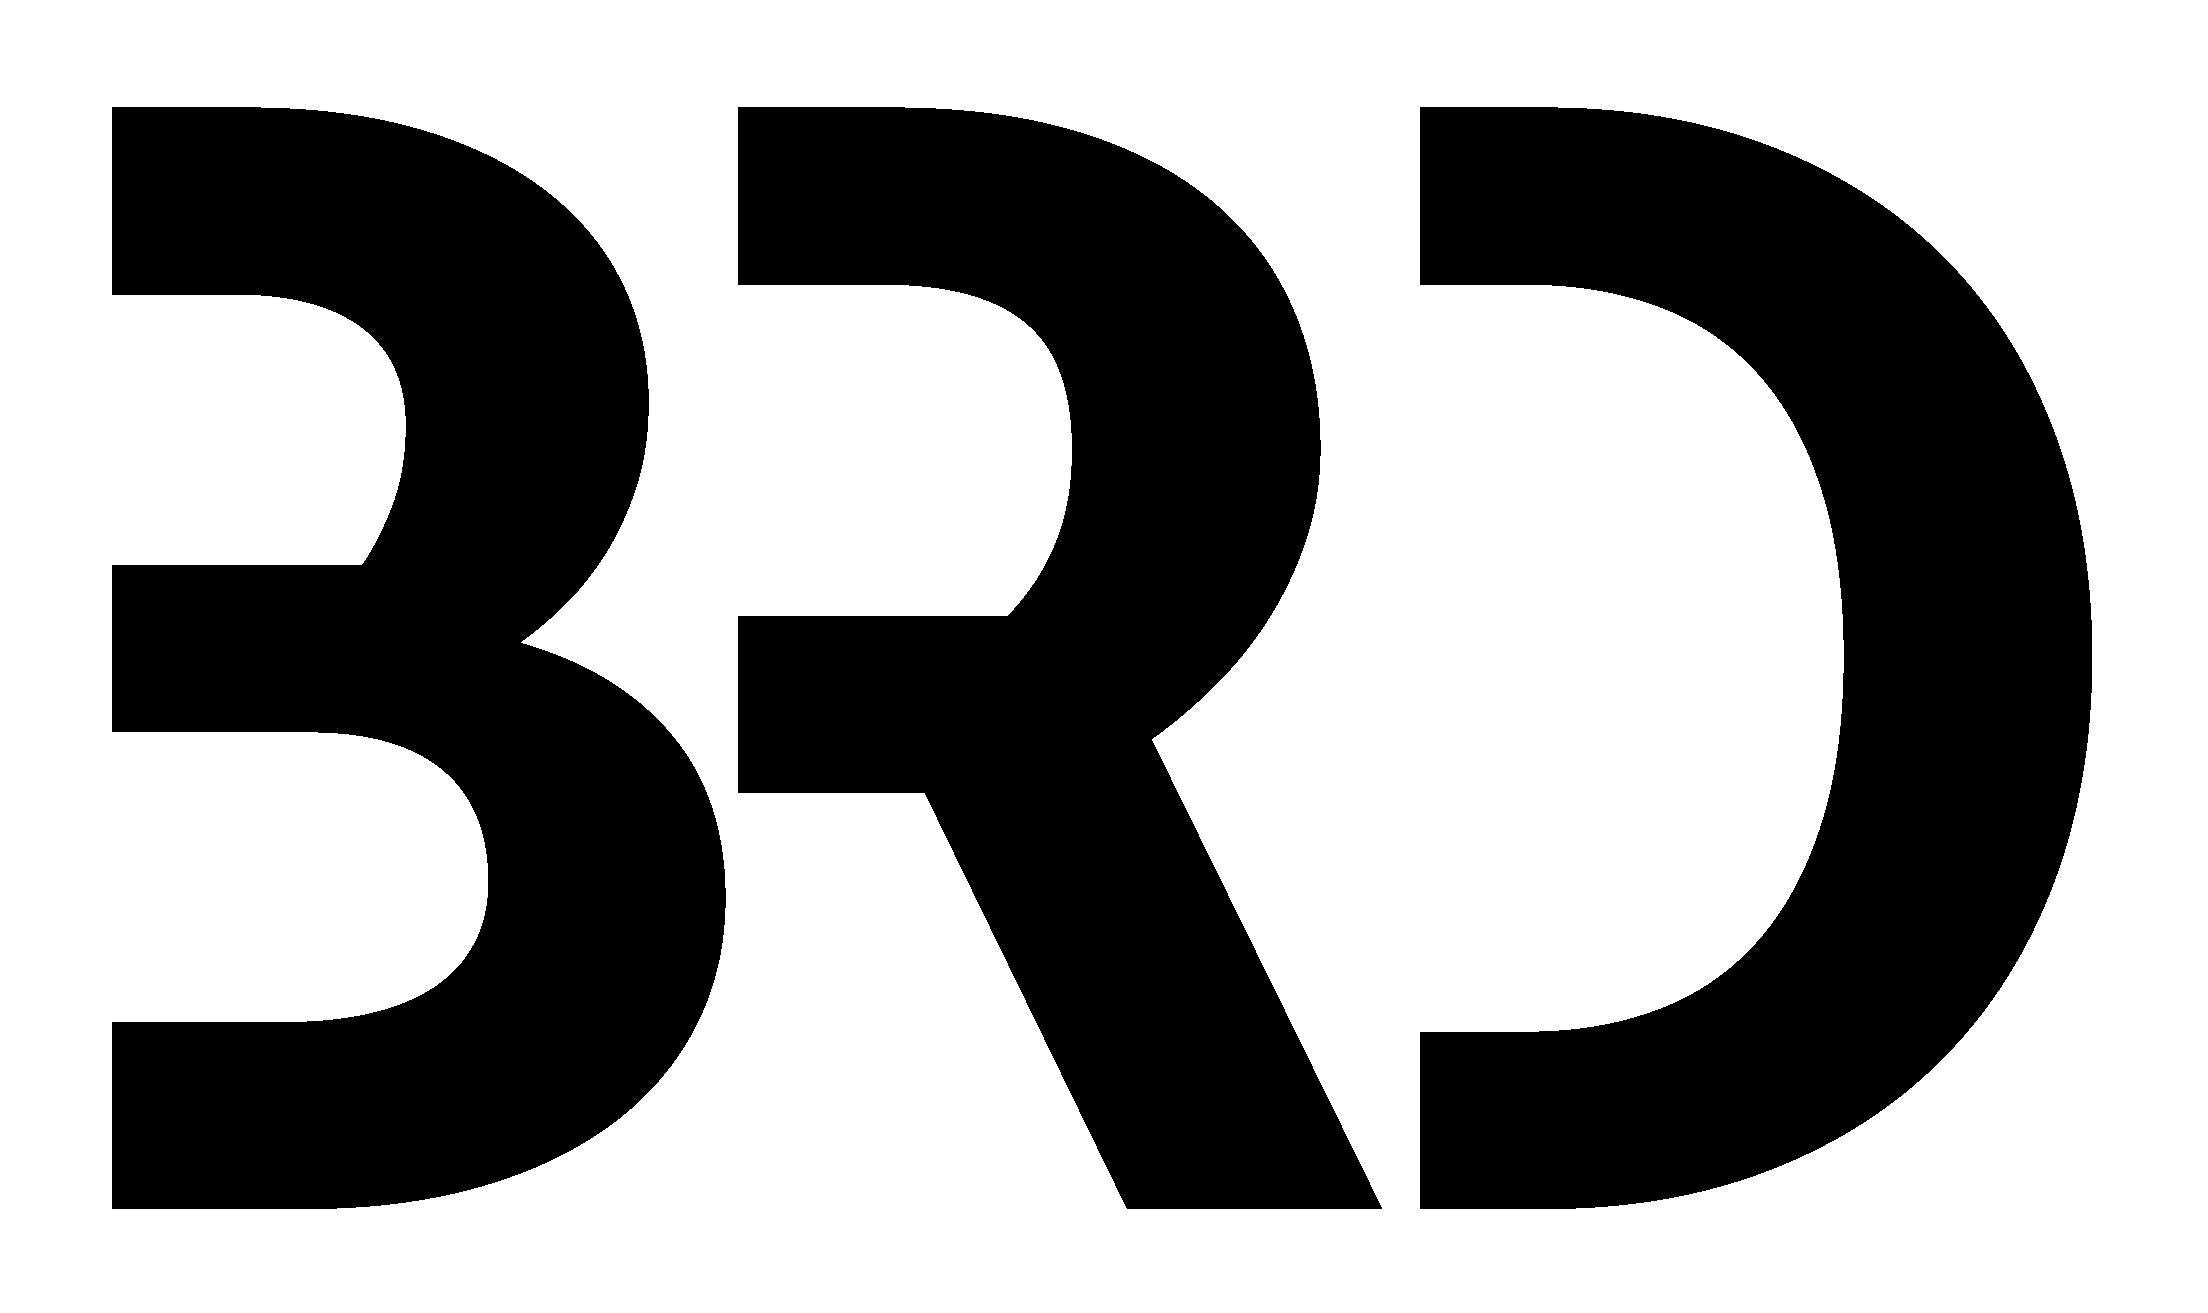 Black Rhino Distribution, LLC